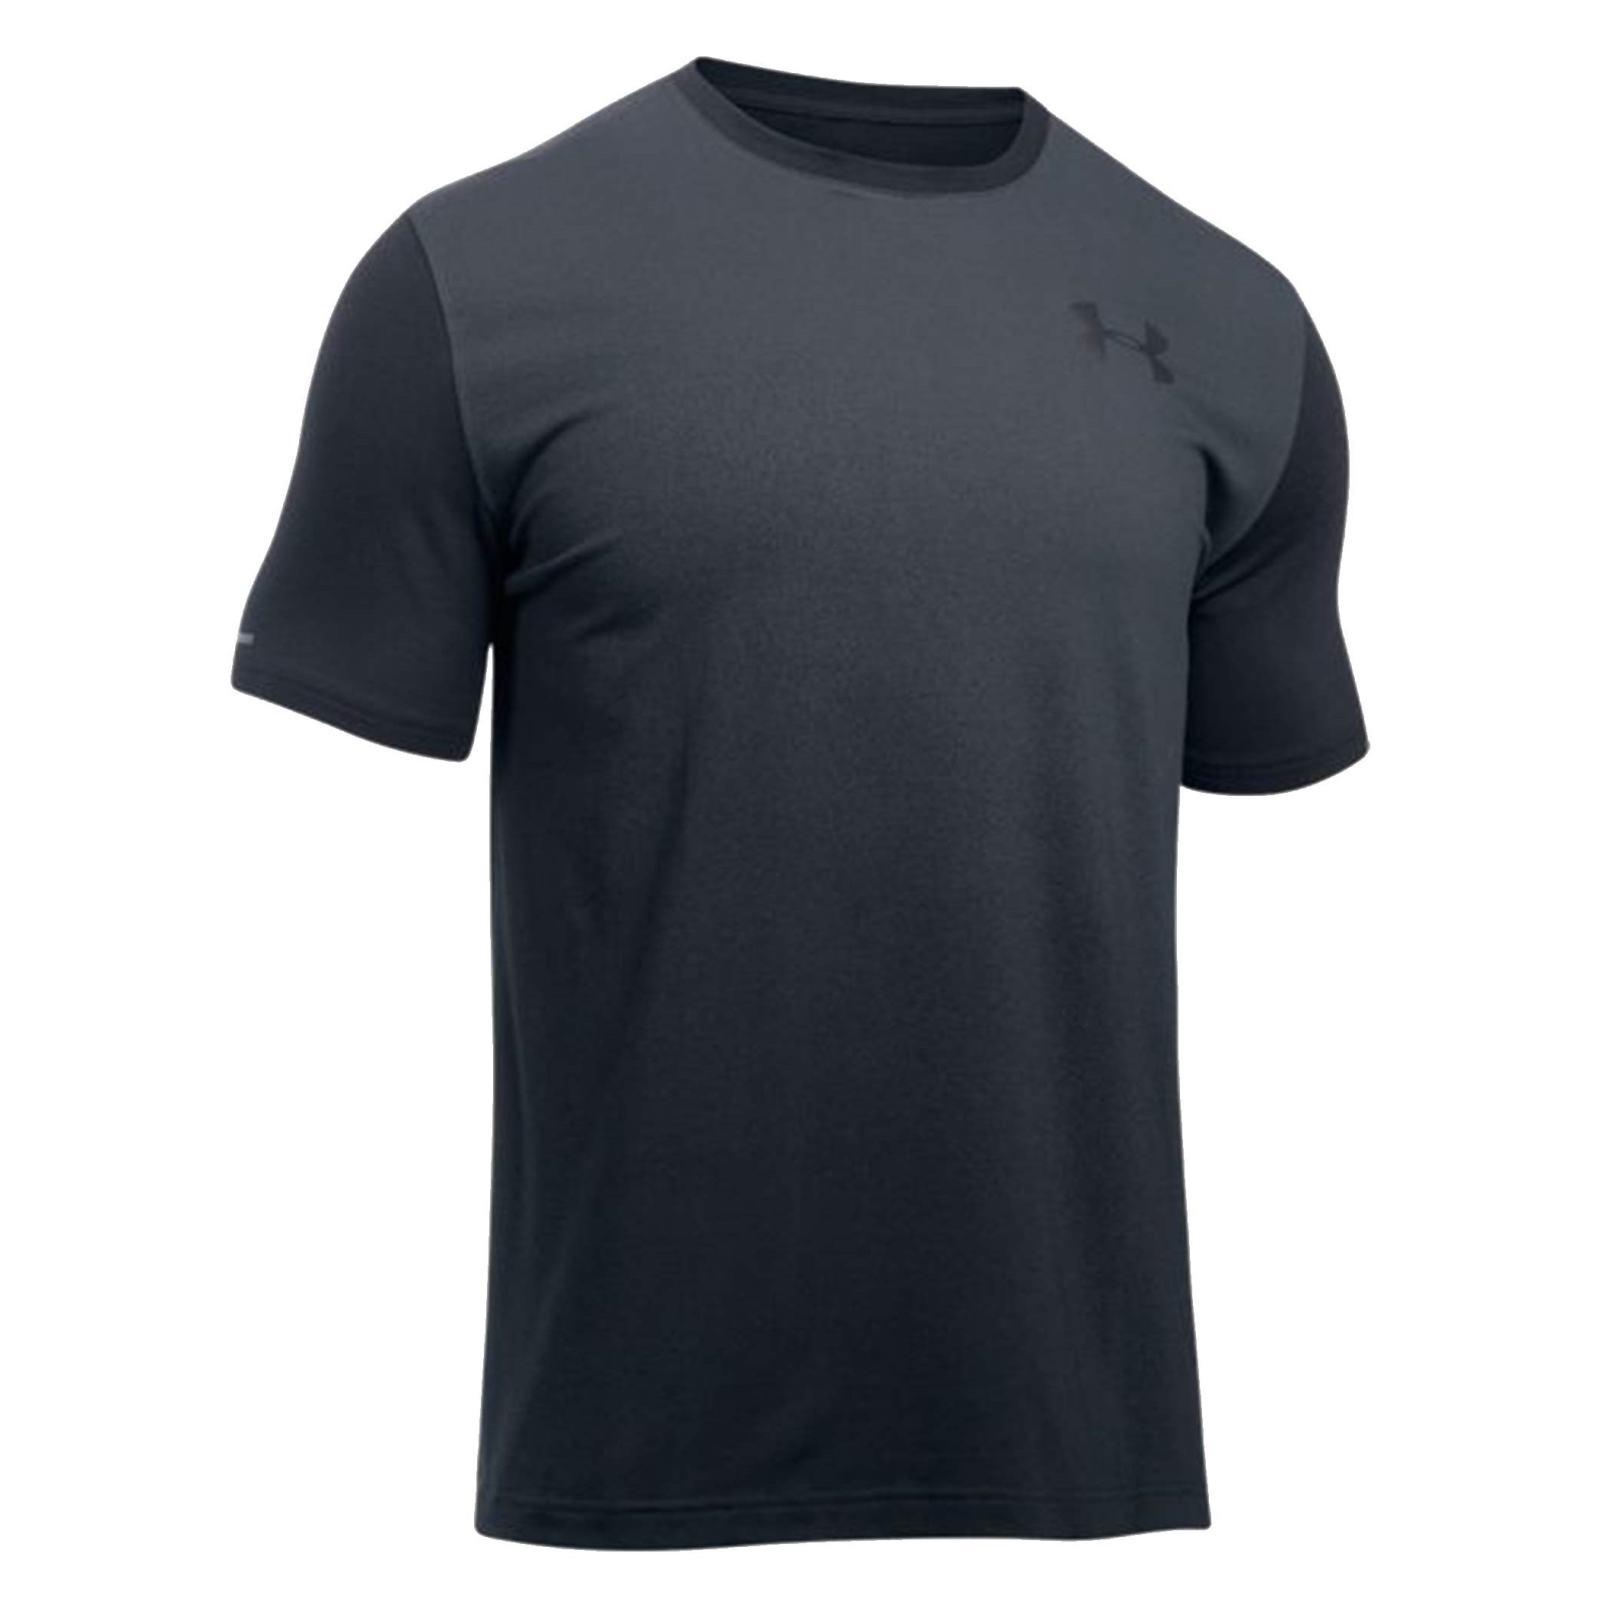 تی شرت نخی یقه گرد مردانه - آندر آرمور - طوسي و مشکي - 1